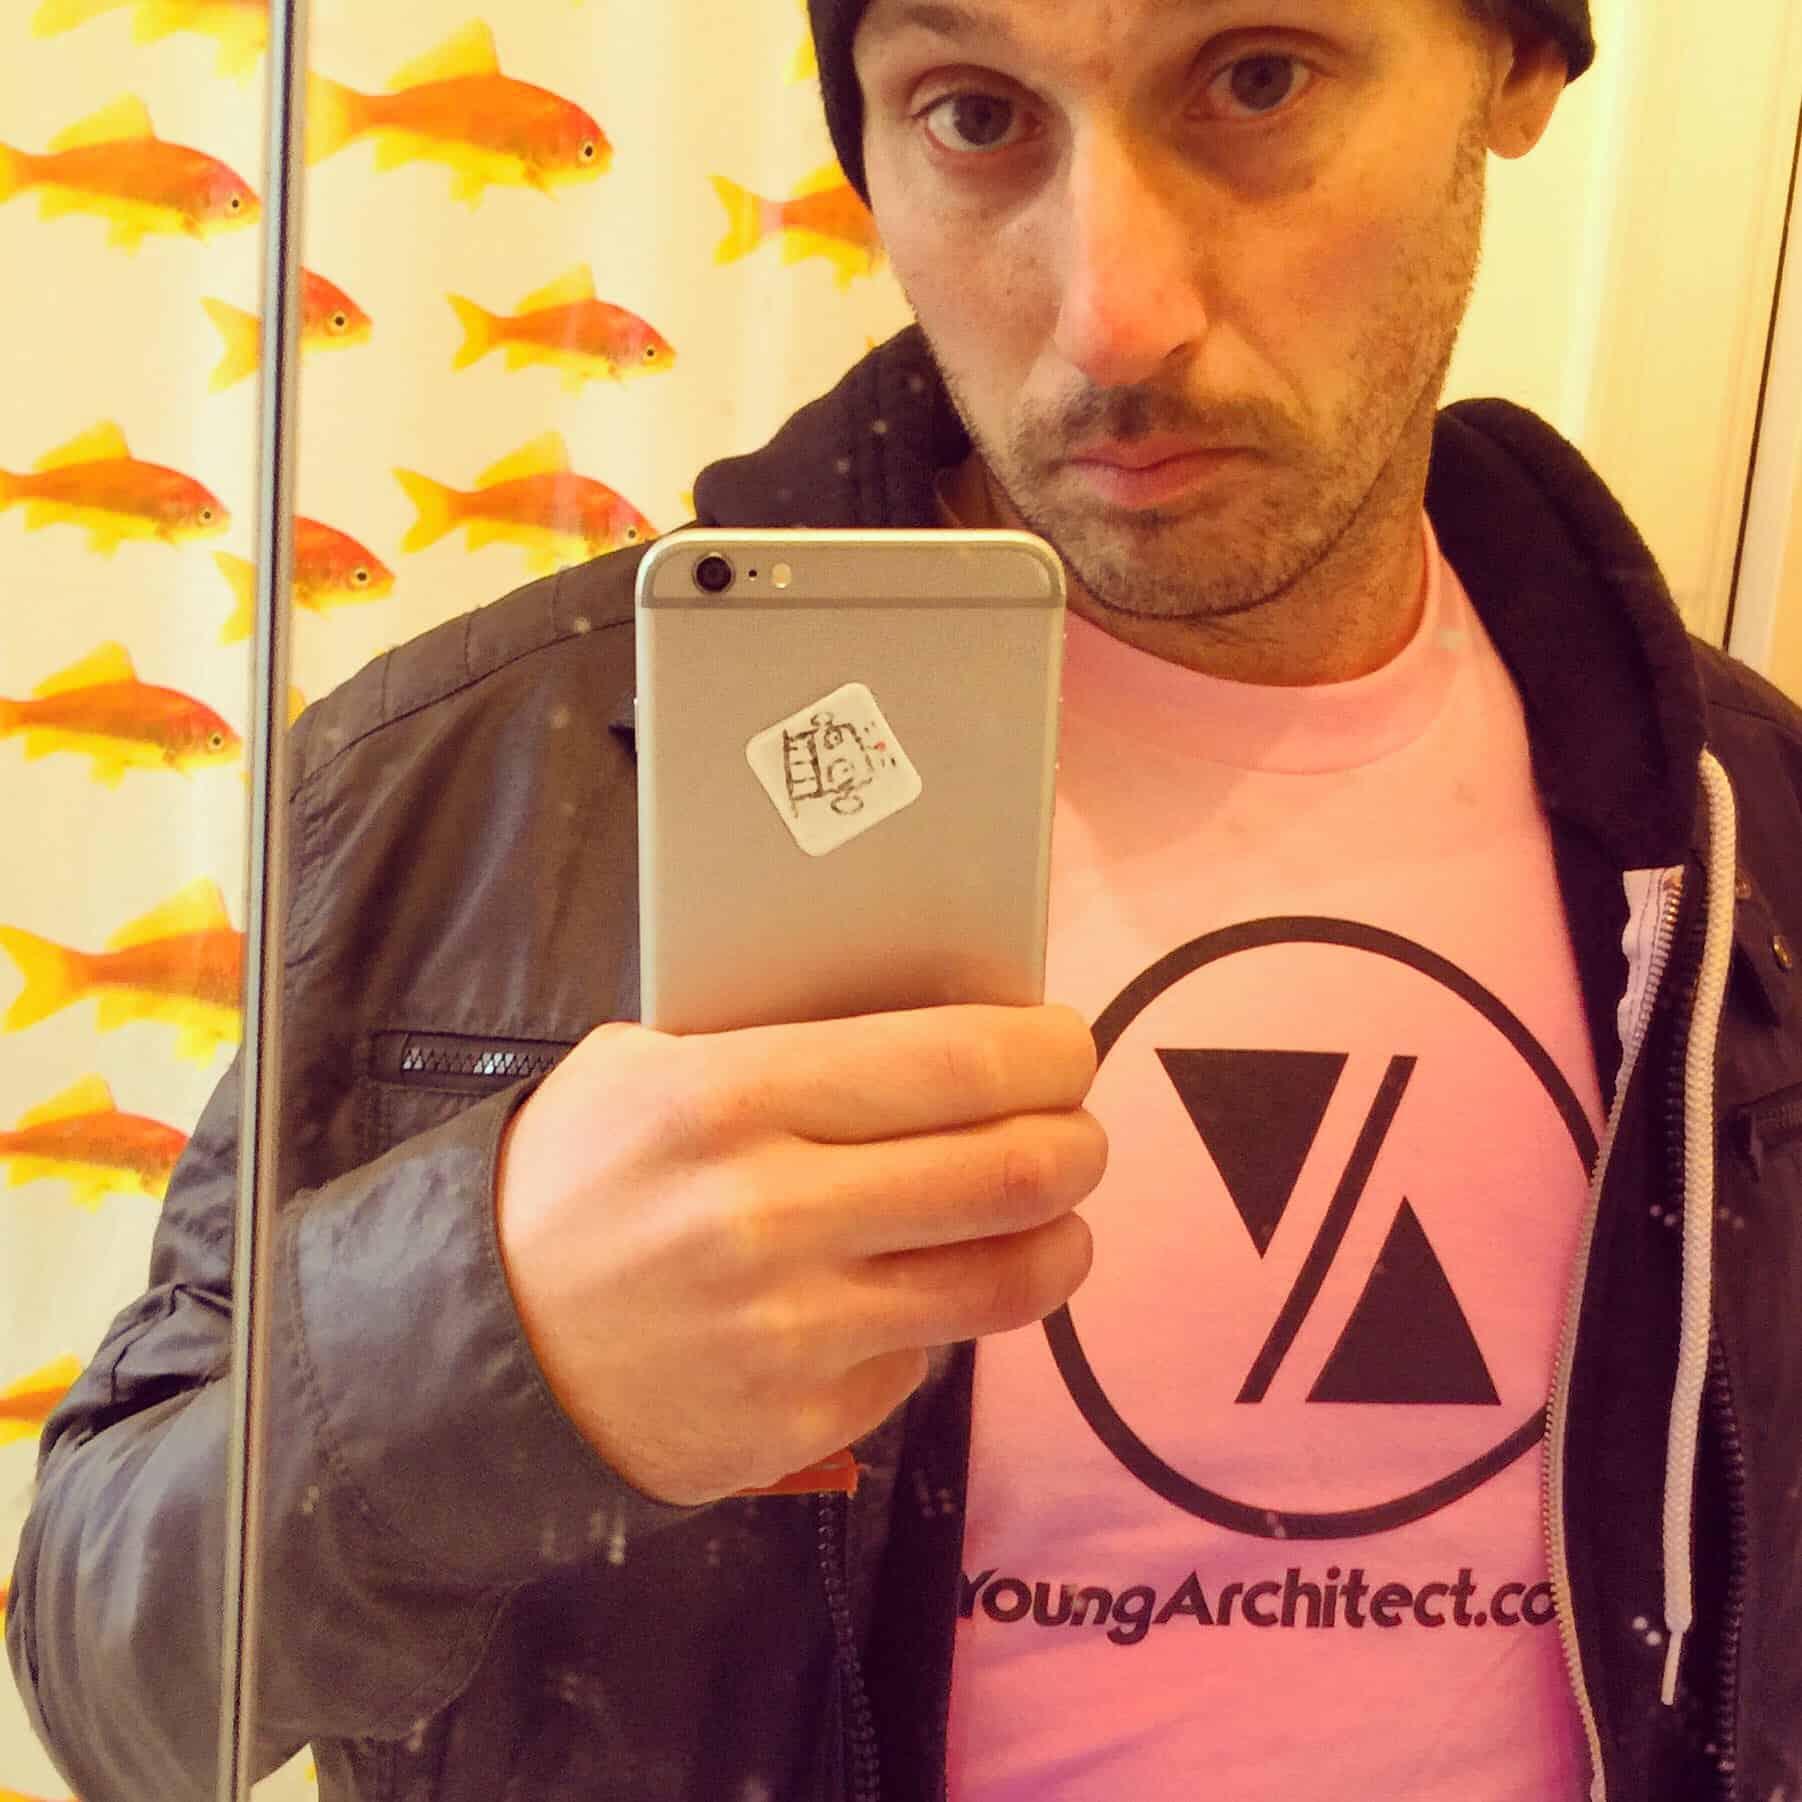 My new pink Young Architect shirt. #illwearapinkshirt #ilikepink #mikeriscica666 #mrpink